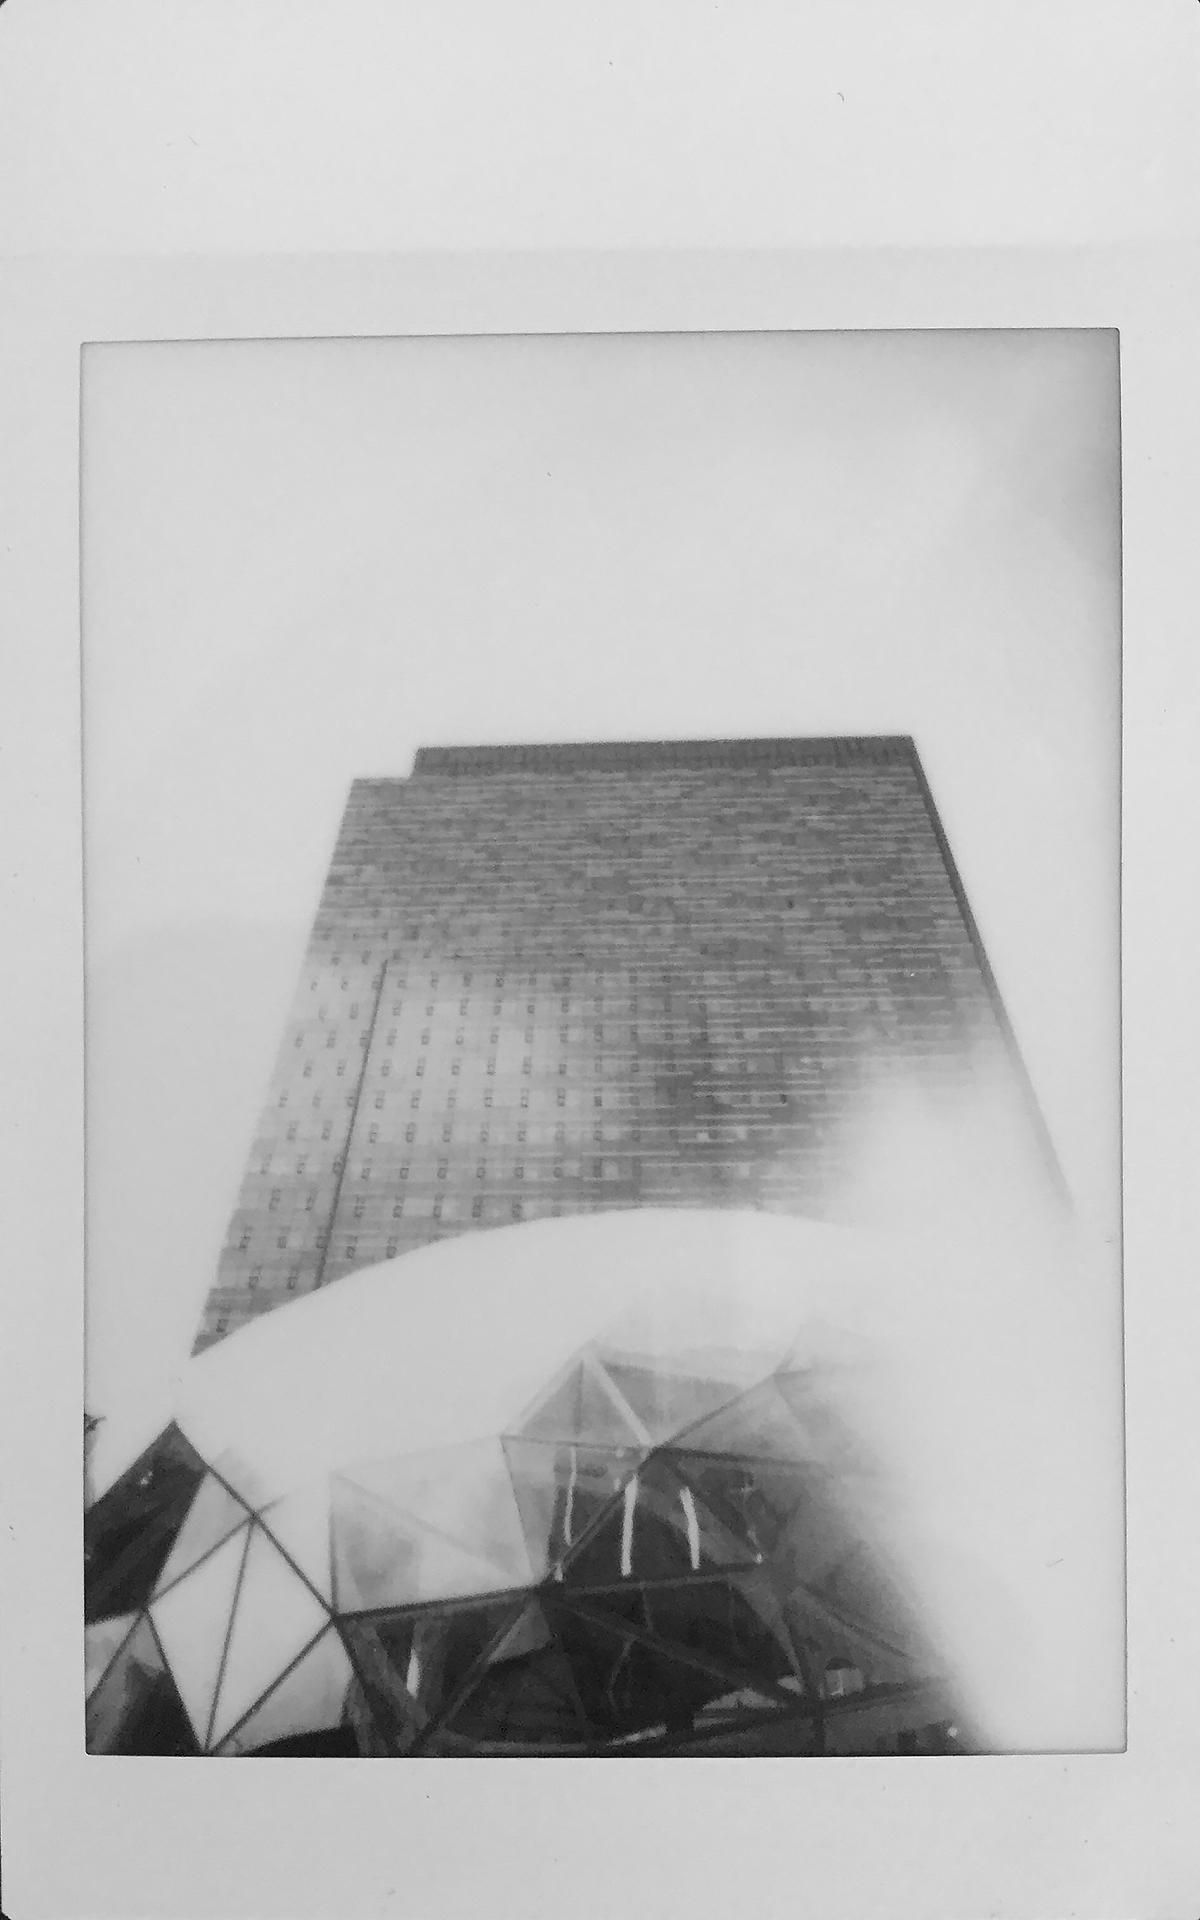 SeattleSpheres_May 08, 4 09 42 PM